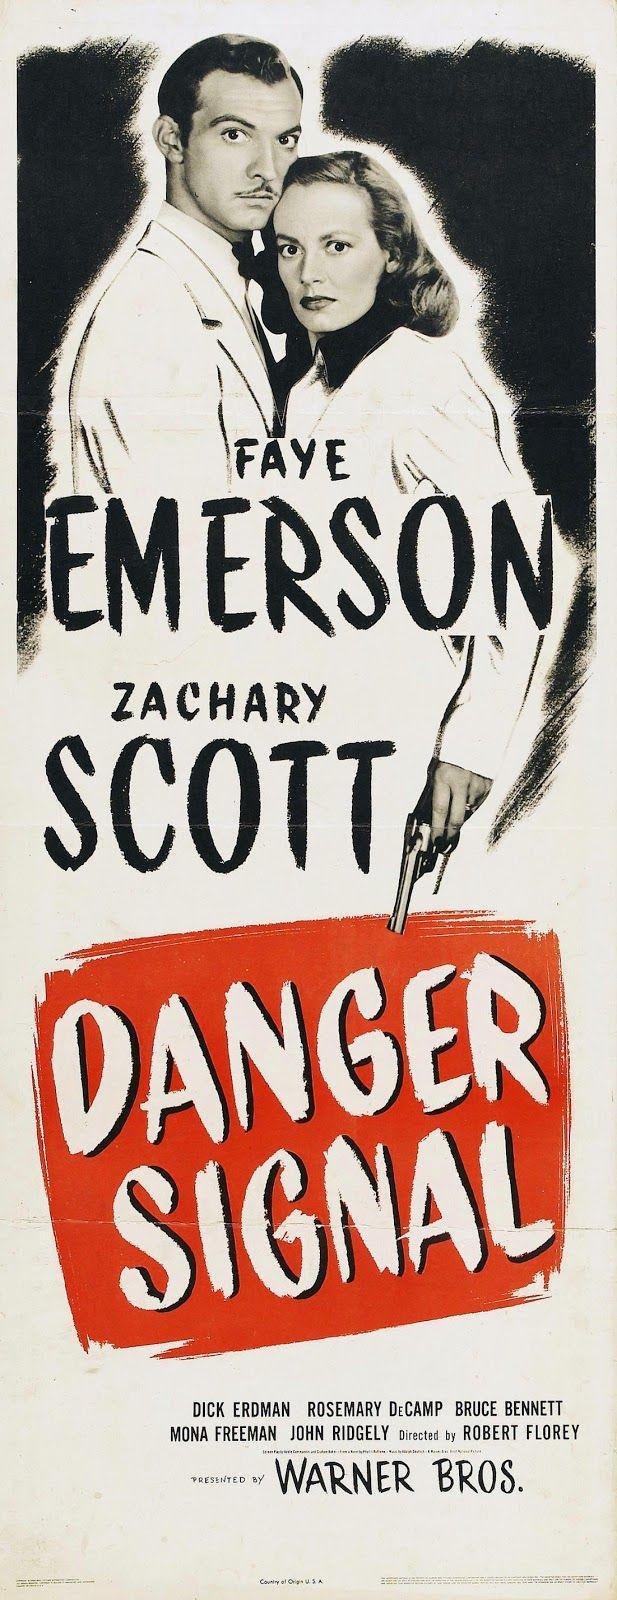 Danger Signal - Robert Florey - 1945 - starring Faye Emerson and Zachary Scott